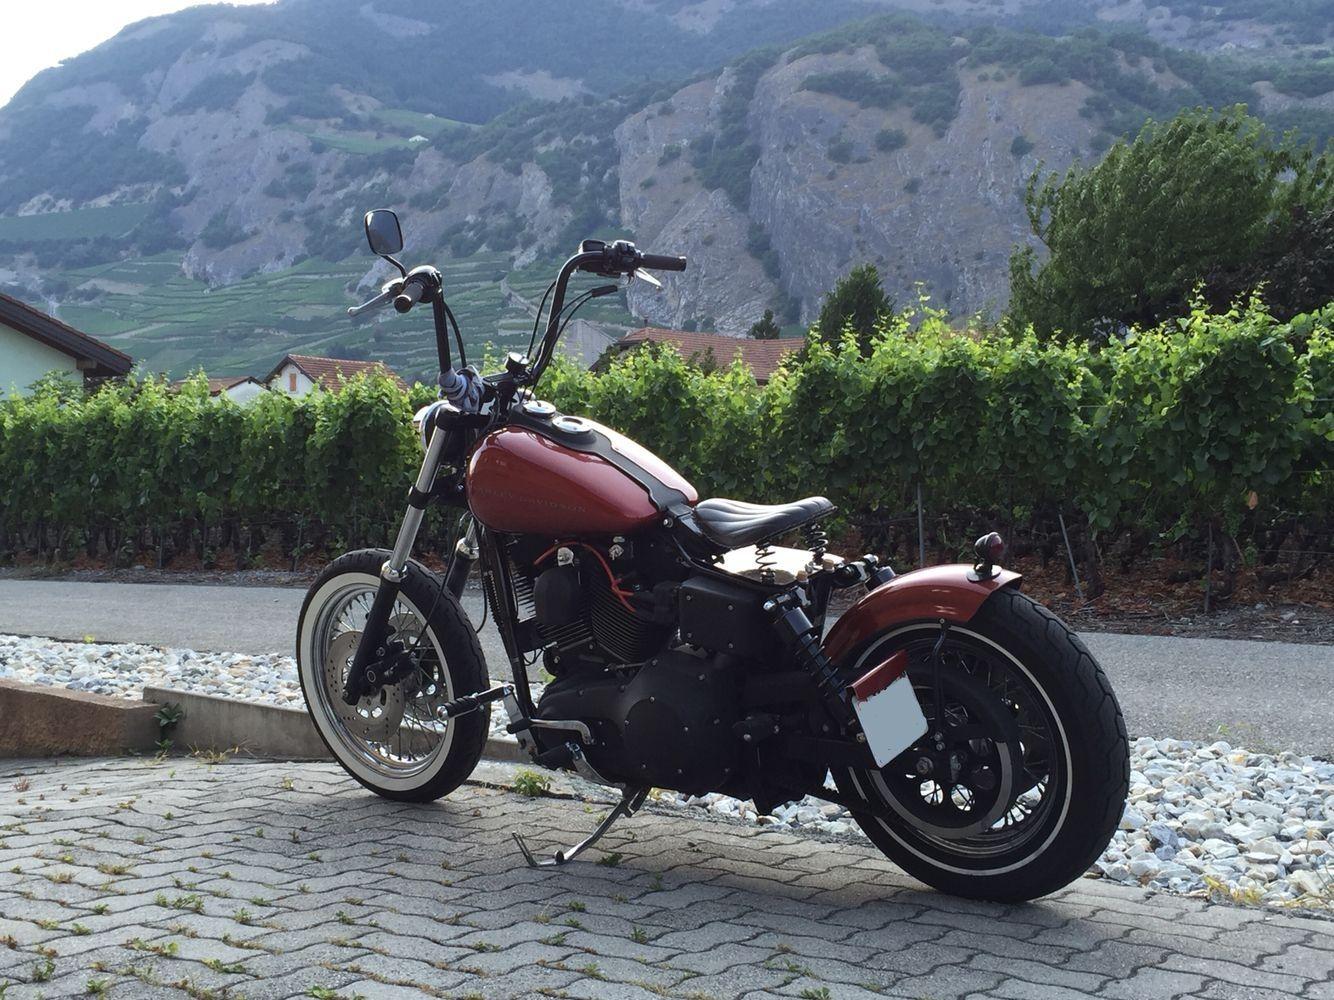 Harley-Davidson Offers Dyna Bobber Kit